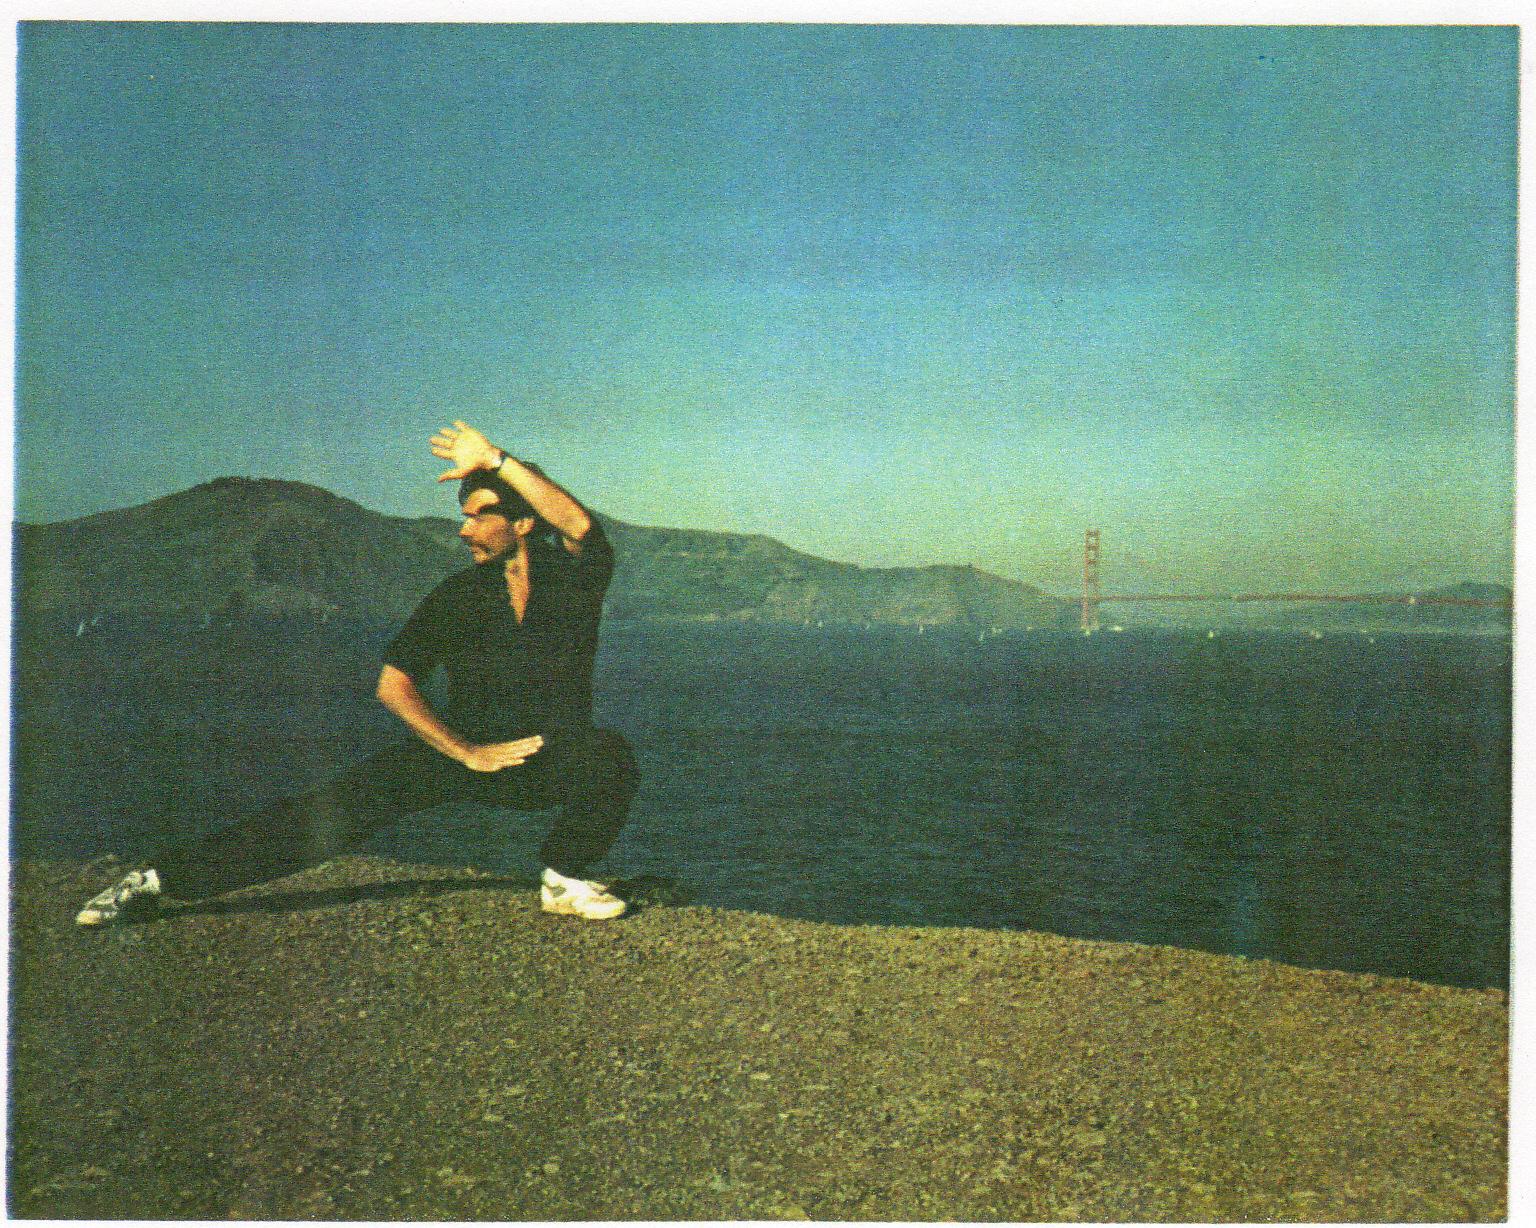 Ed at Golden Gate Bridge '85 Flying Tortoise.jpg